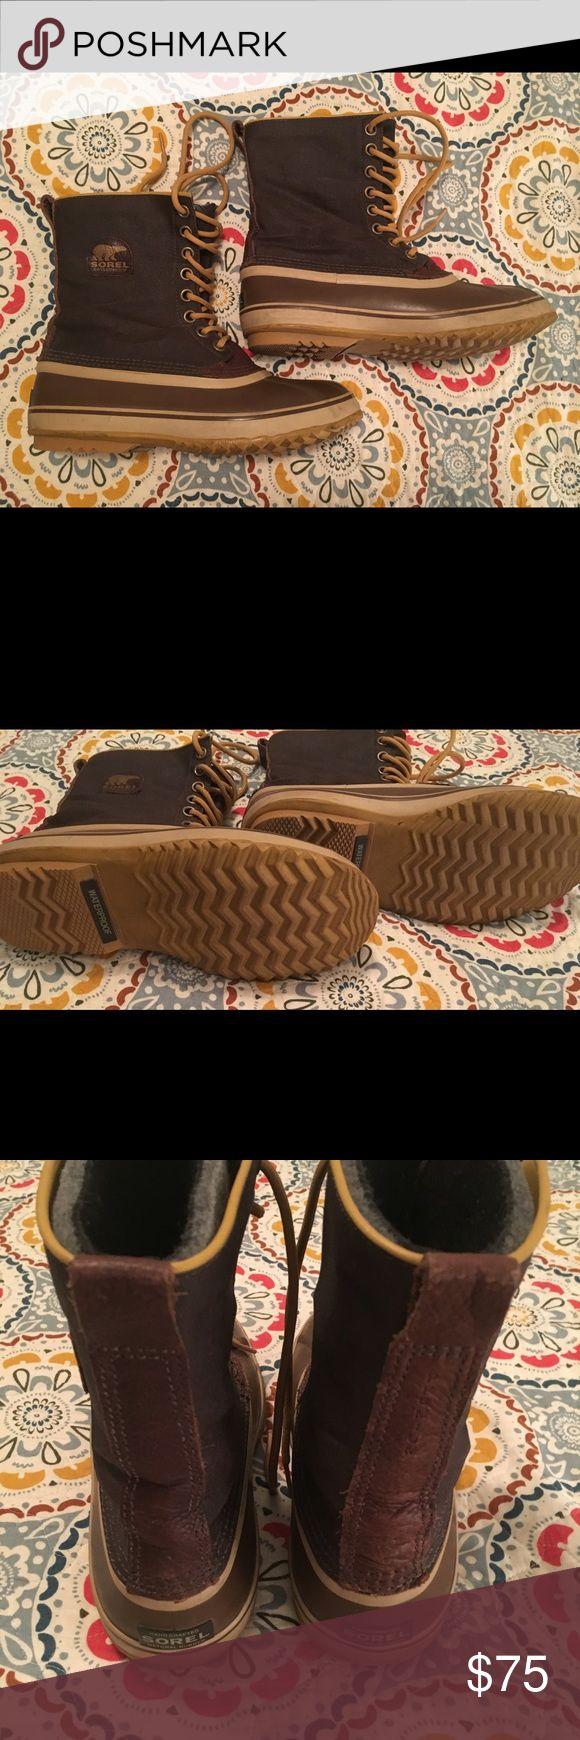 Sorel Men's Waterproof Winter Boots Men's Sorel waterproof, Winter boots. Size 9. Sorel Shoes Winter & Rain Boots